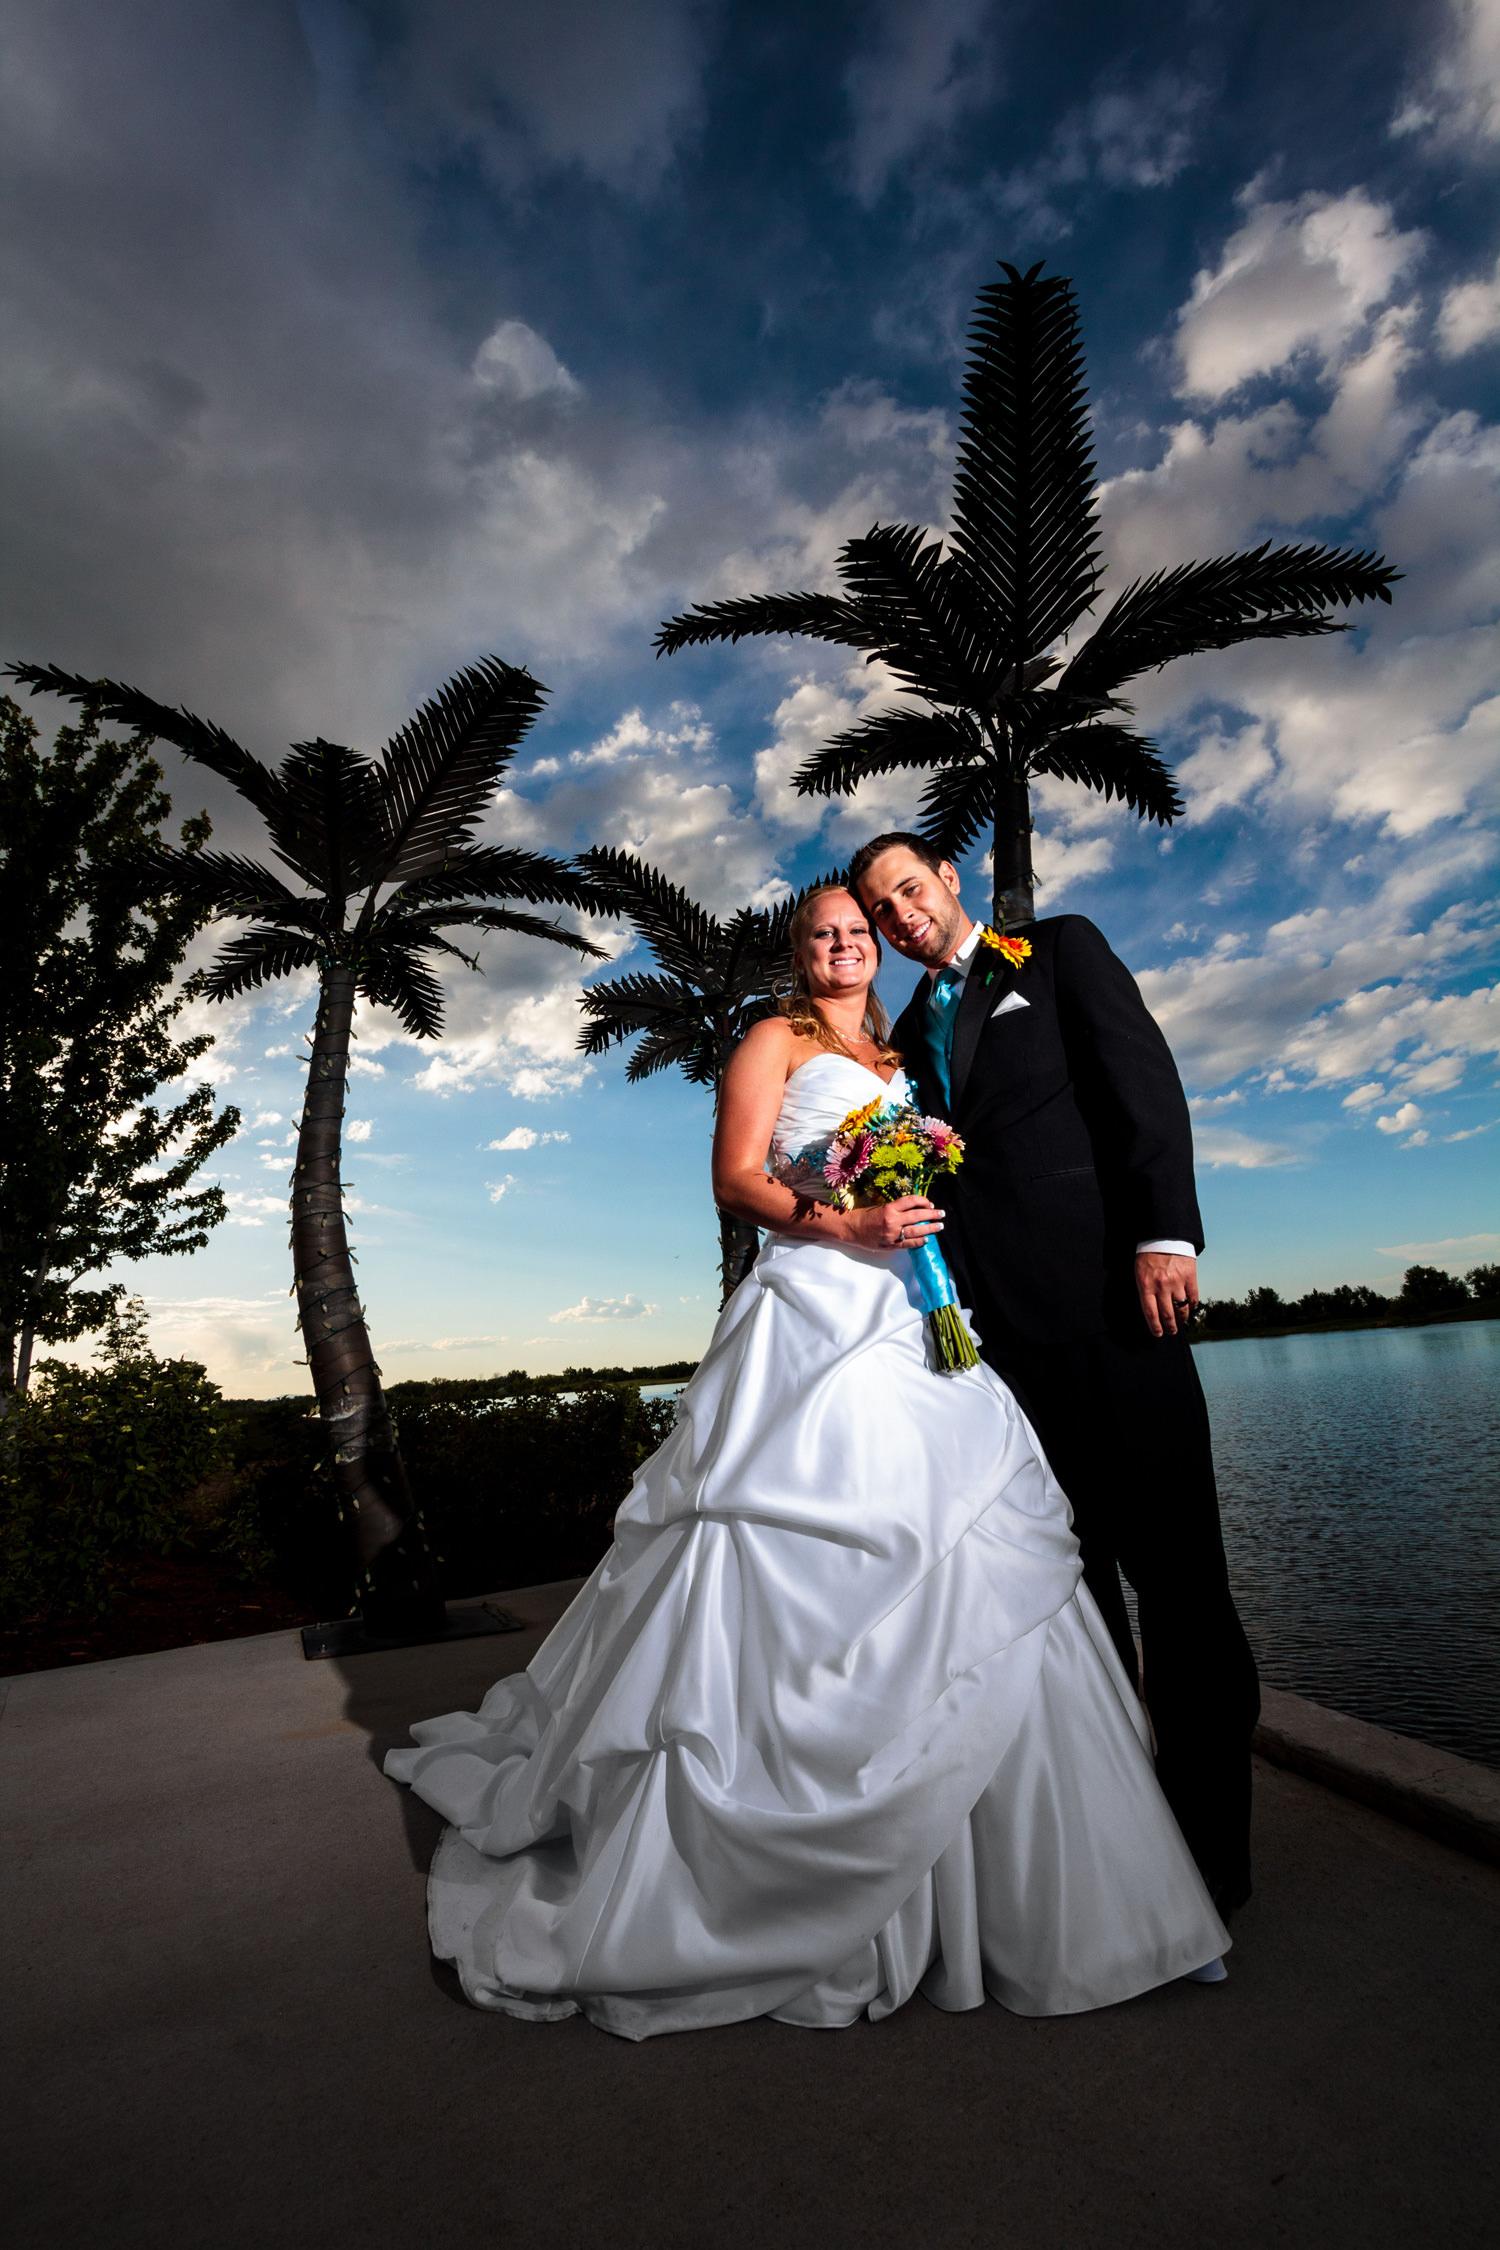 pelican-lakes-weddings-windsor-tomKphoto-047.jpg